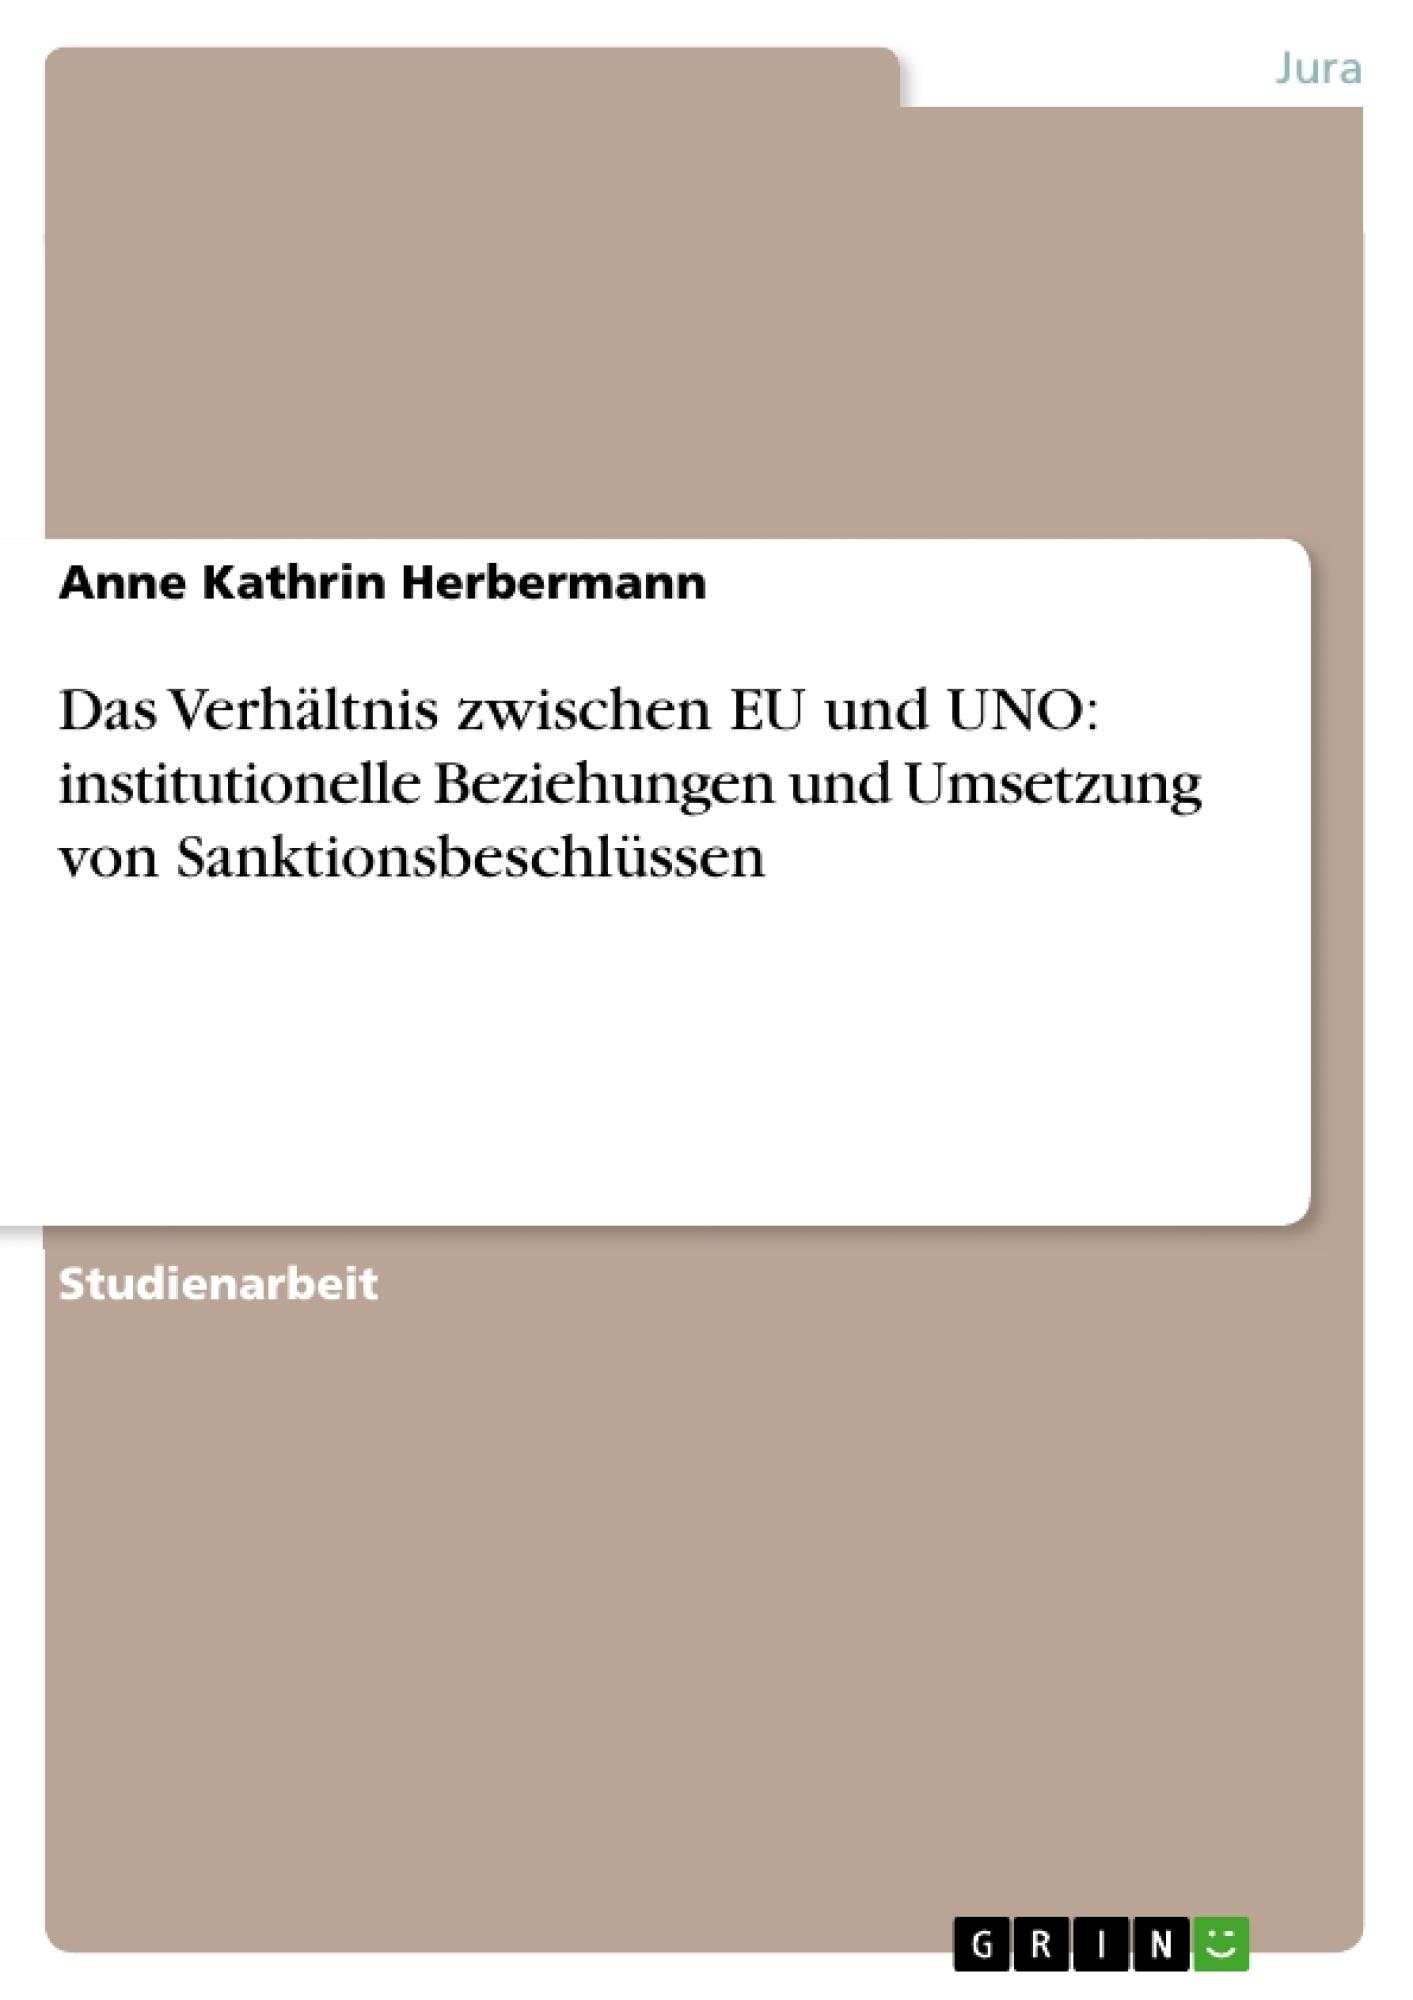 Titel: Das Verhältnis zwischen EU und UNO: institutionelle Beziehungen und Umsetzung von Sanktionsbeschlüssen